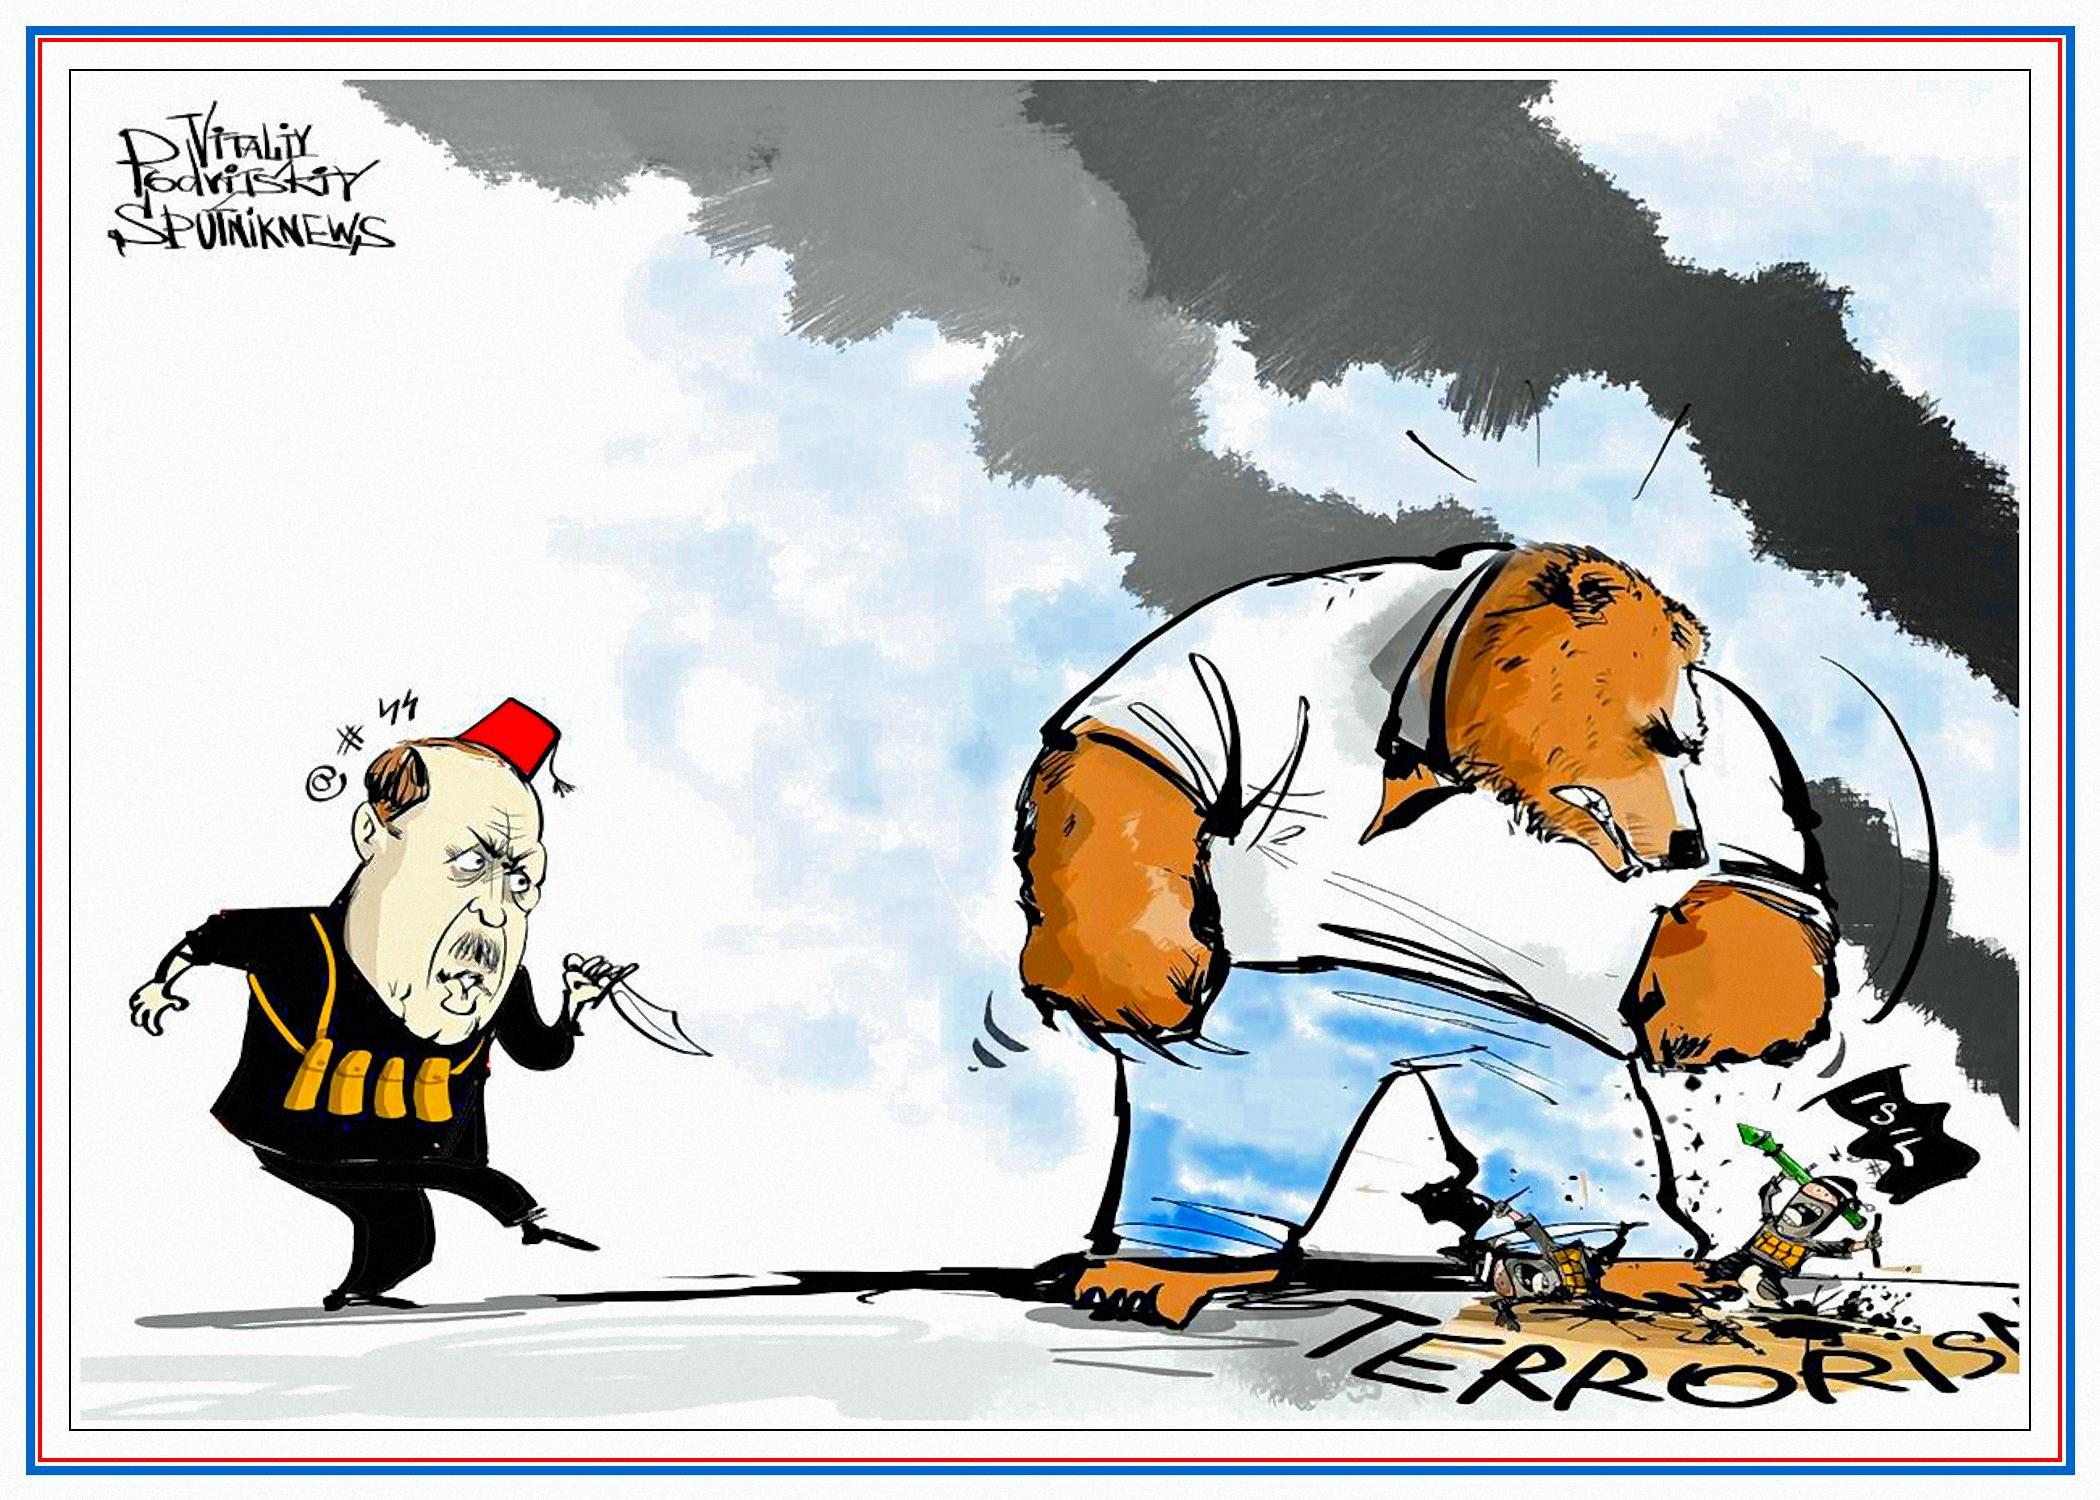 00 Vitaly Podvitsky. A Treacherous Backstab. 2015